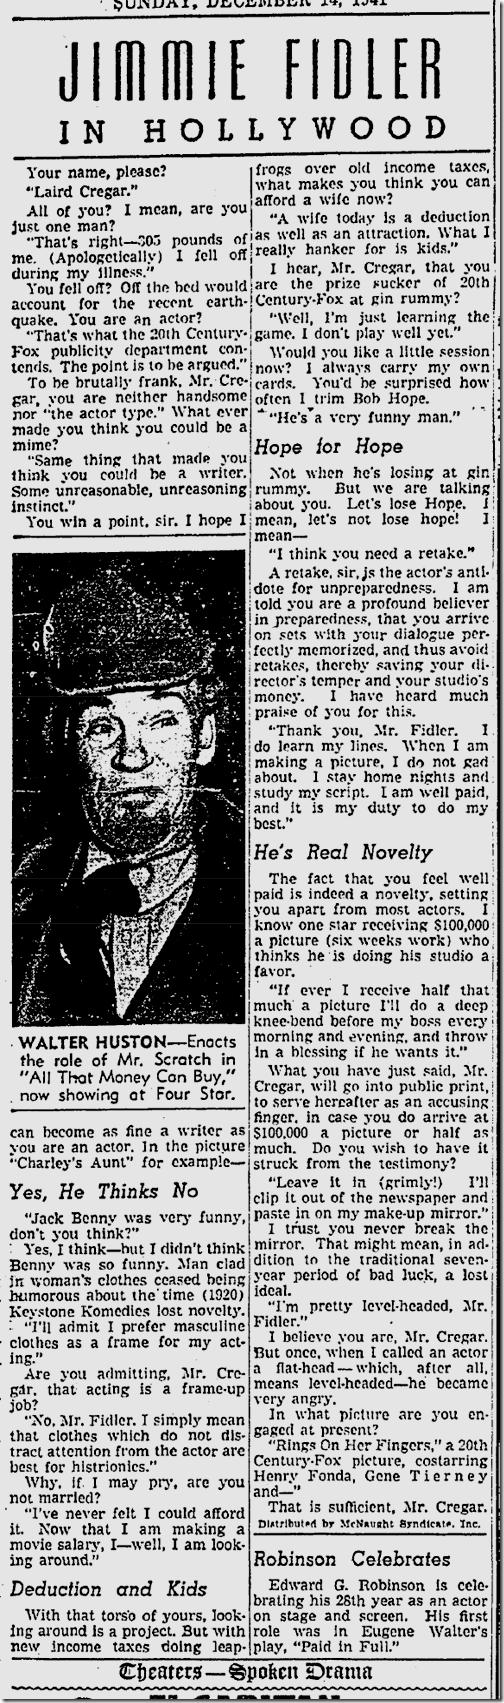 Dec.14, 1941, Jimmie Fidler